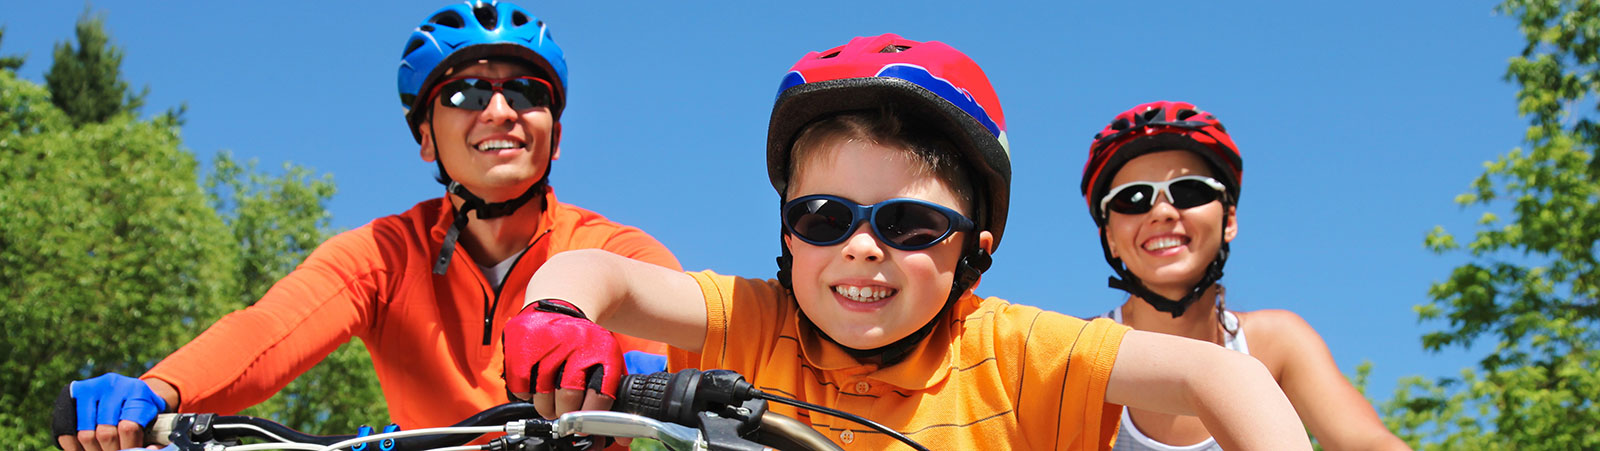 Autohotel - Noleggio bici per Cicloturismo